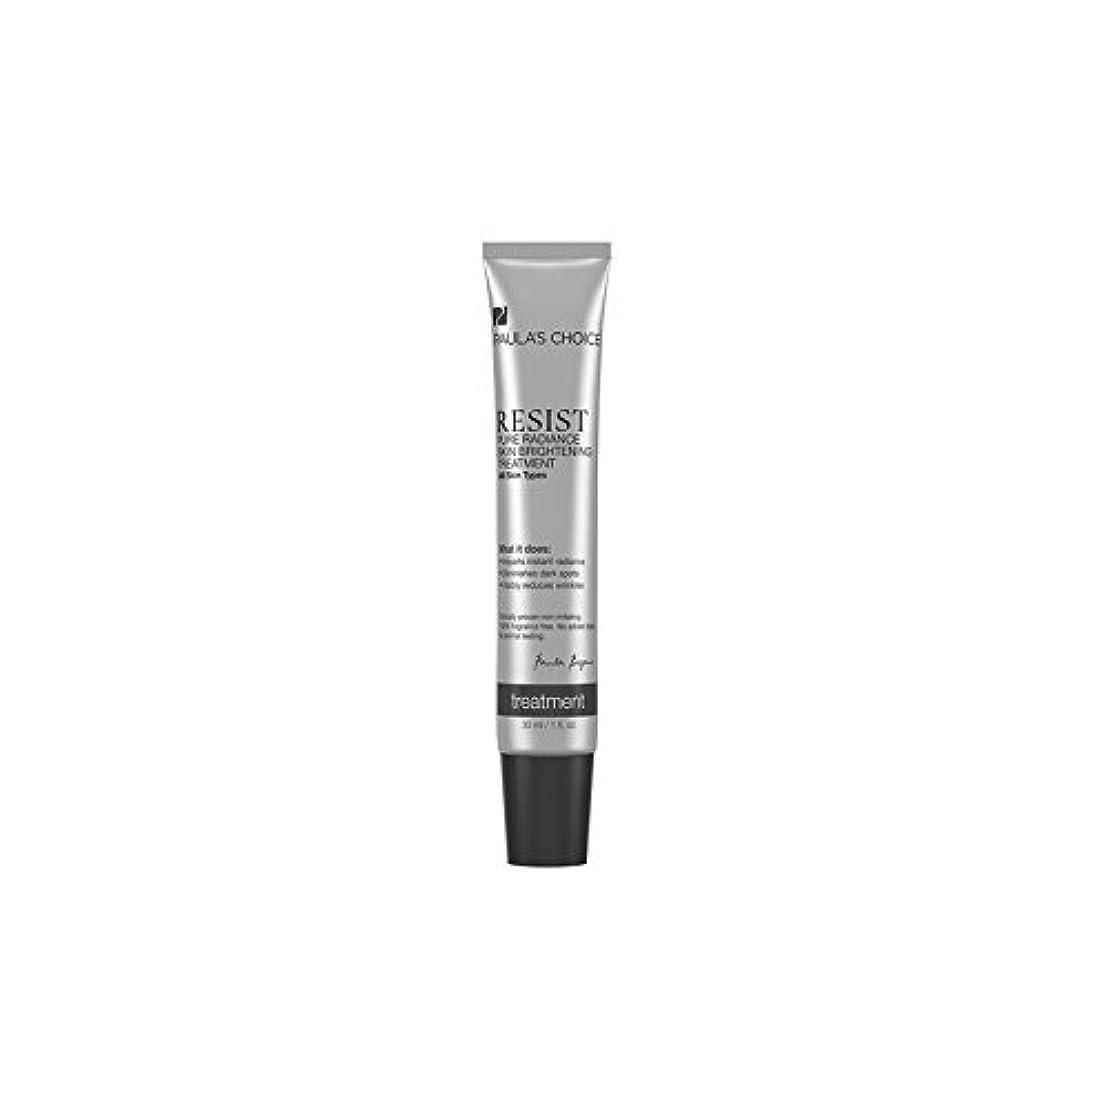 カウンターパートアスレチック充電ポーラチョイスは純粋な輝き肌ブライトニングトリートメント(30ミリリットル)を抵抗します x4 - Paula's Choice Resist Pure Radiance Skin Brightening Treatment (30ml) (Pack of 4) [並行輸入品]